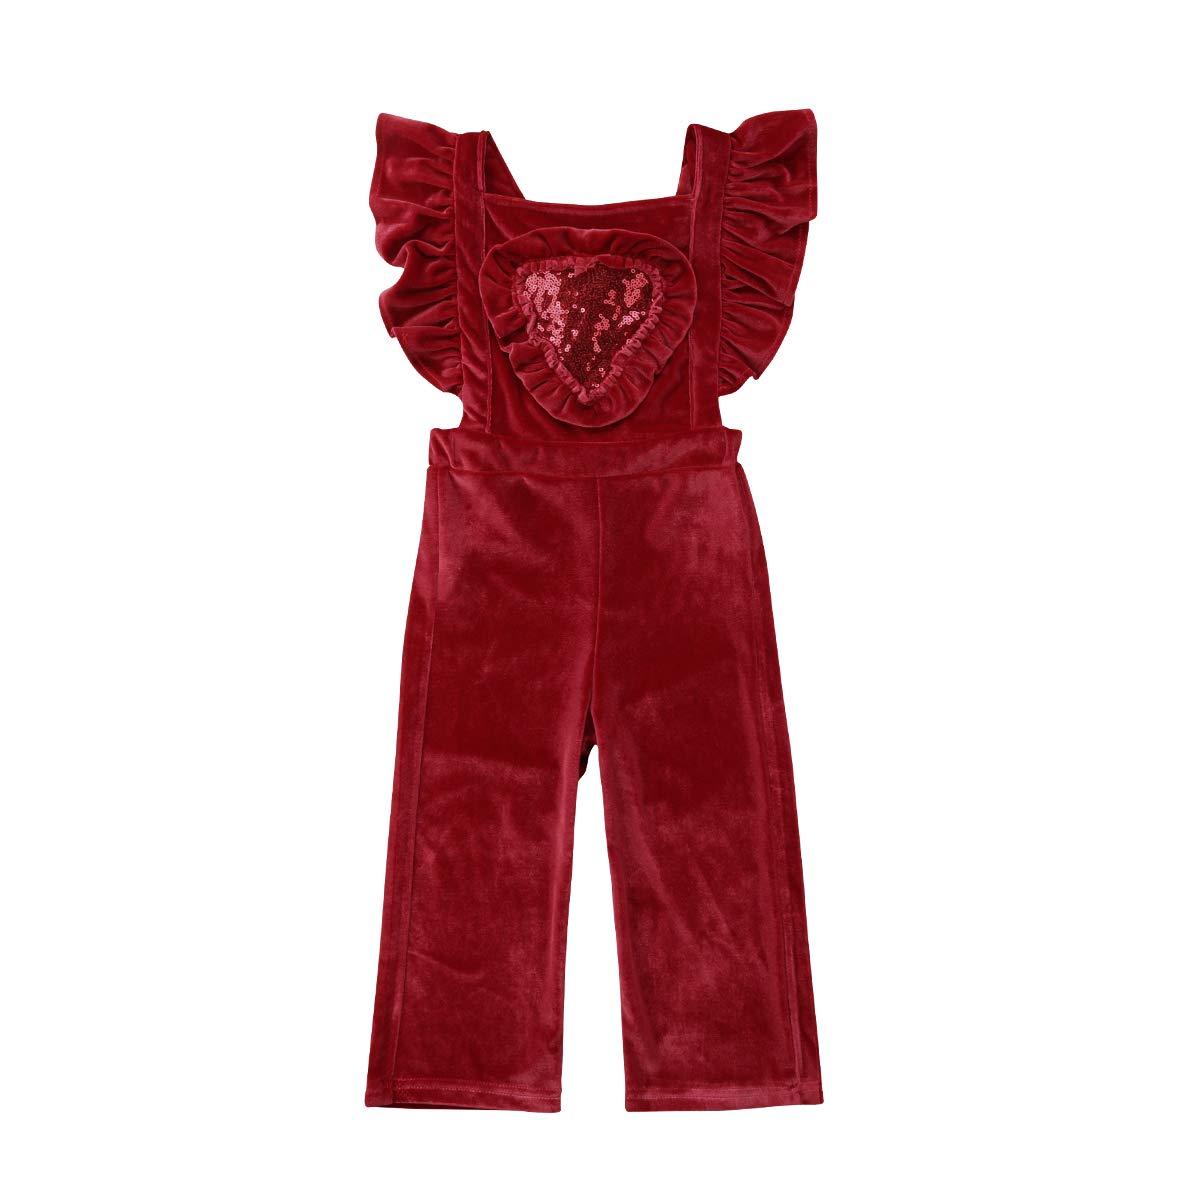 Toddler Baby Girl Loose Crushed Velvet Bib Overall Flares Bell Bottom Pants